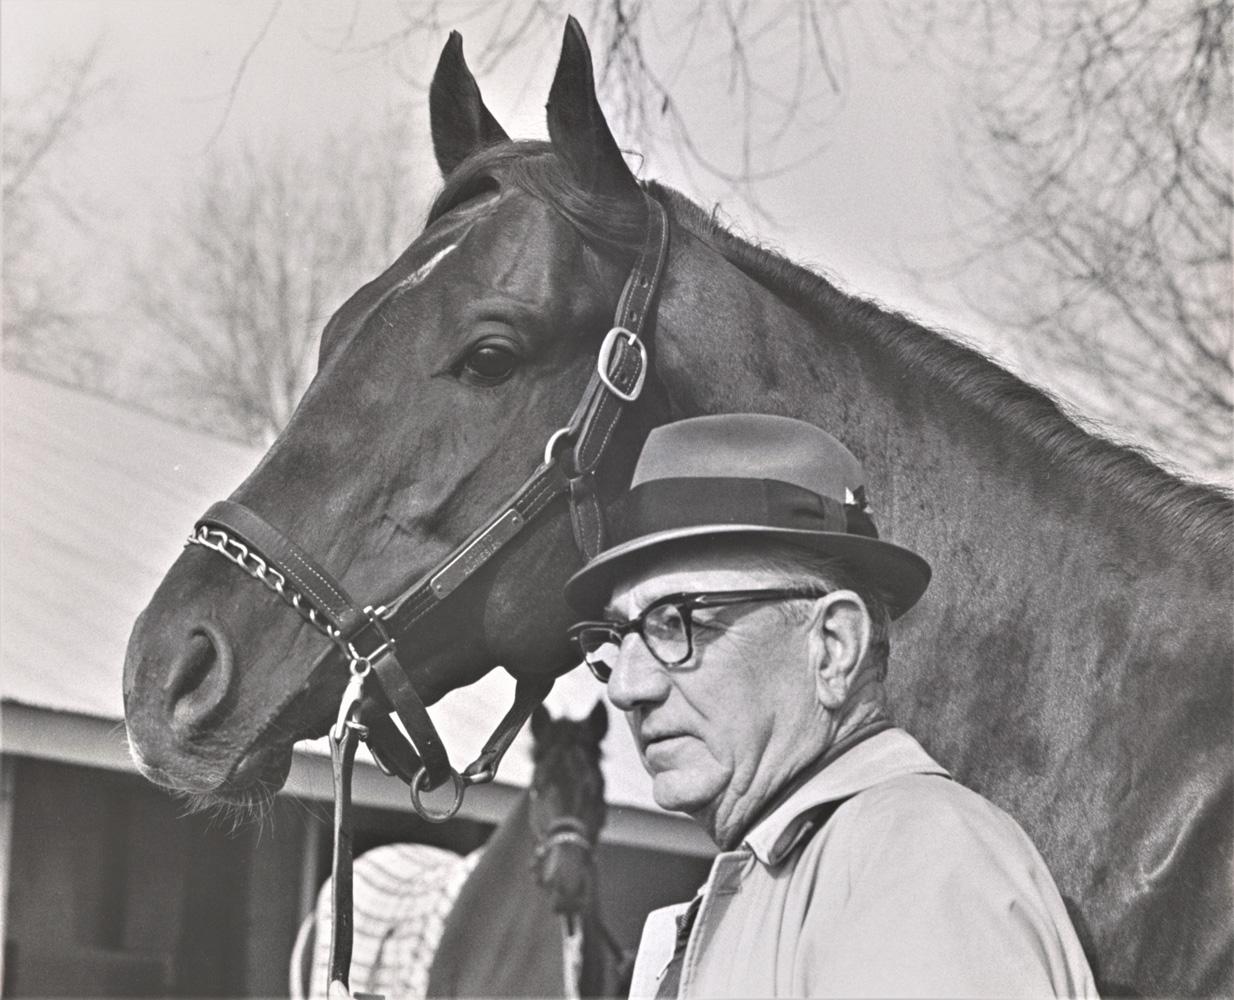 Henry Forrest with Jackal, undated (Keeneland Association)